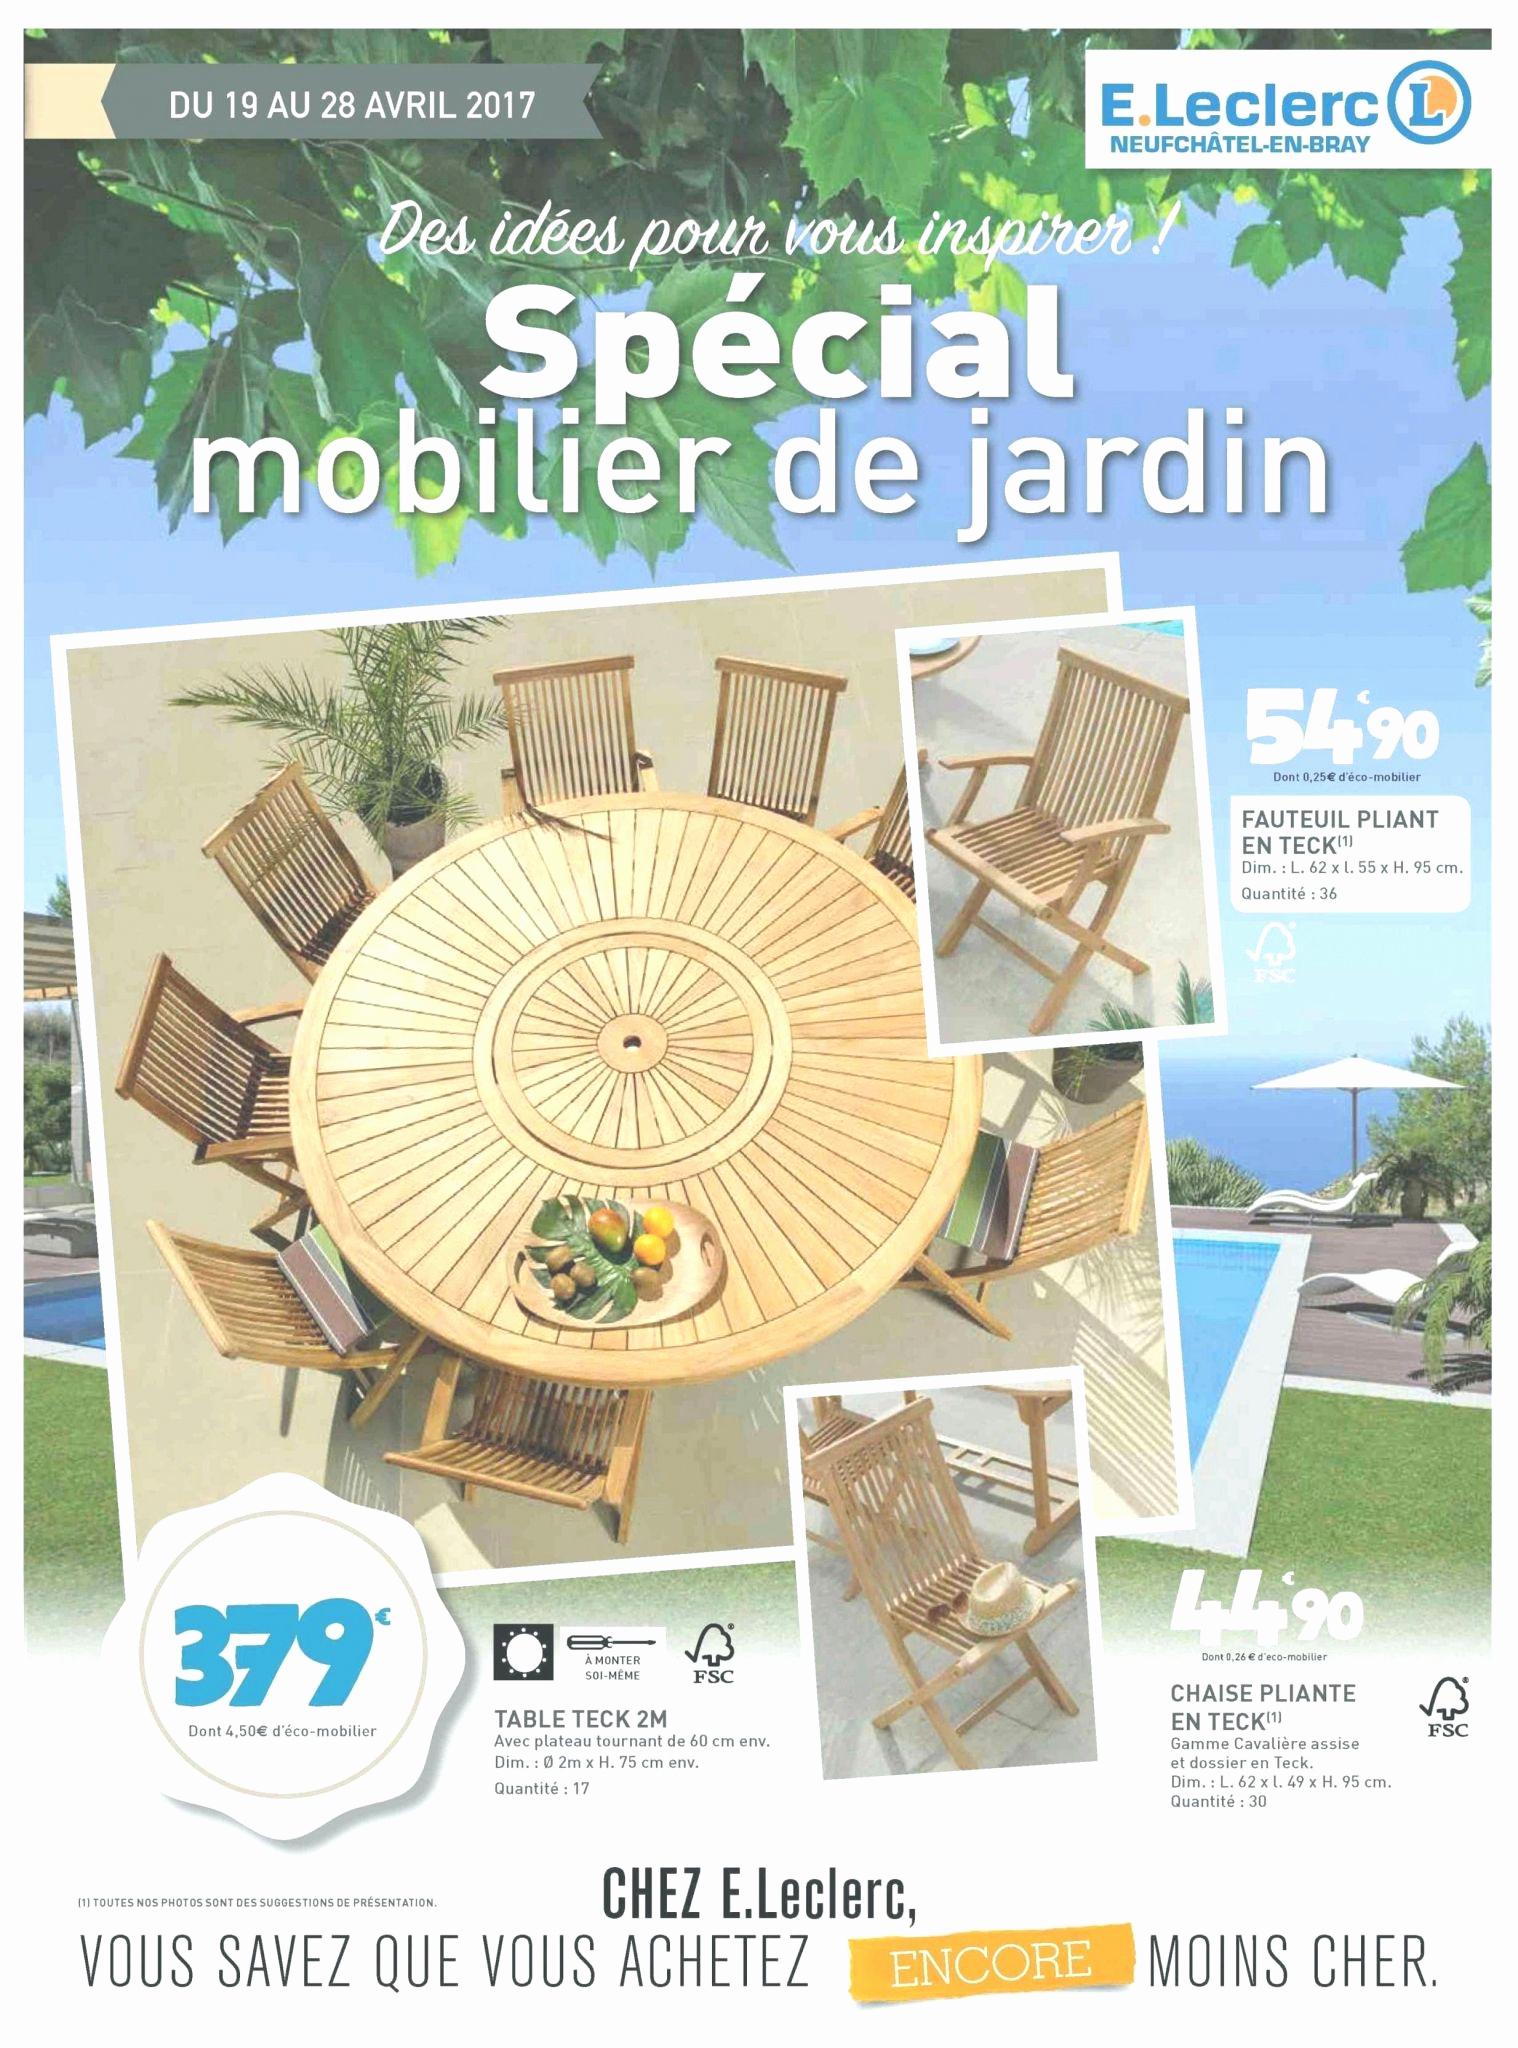 Salon De Jardin Leclerc Catalogue 2017 Le Meilleur De Table ... à Serré De Jardin Leclerc